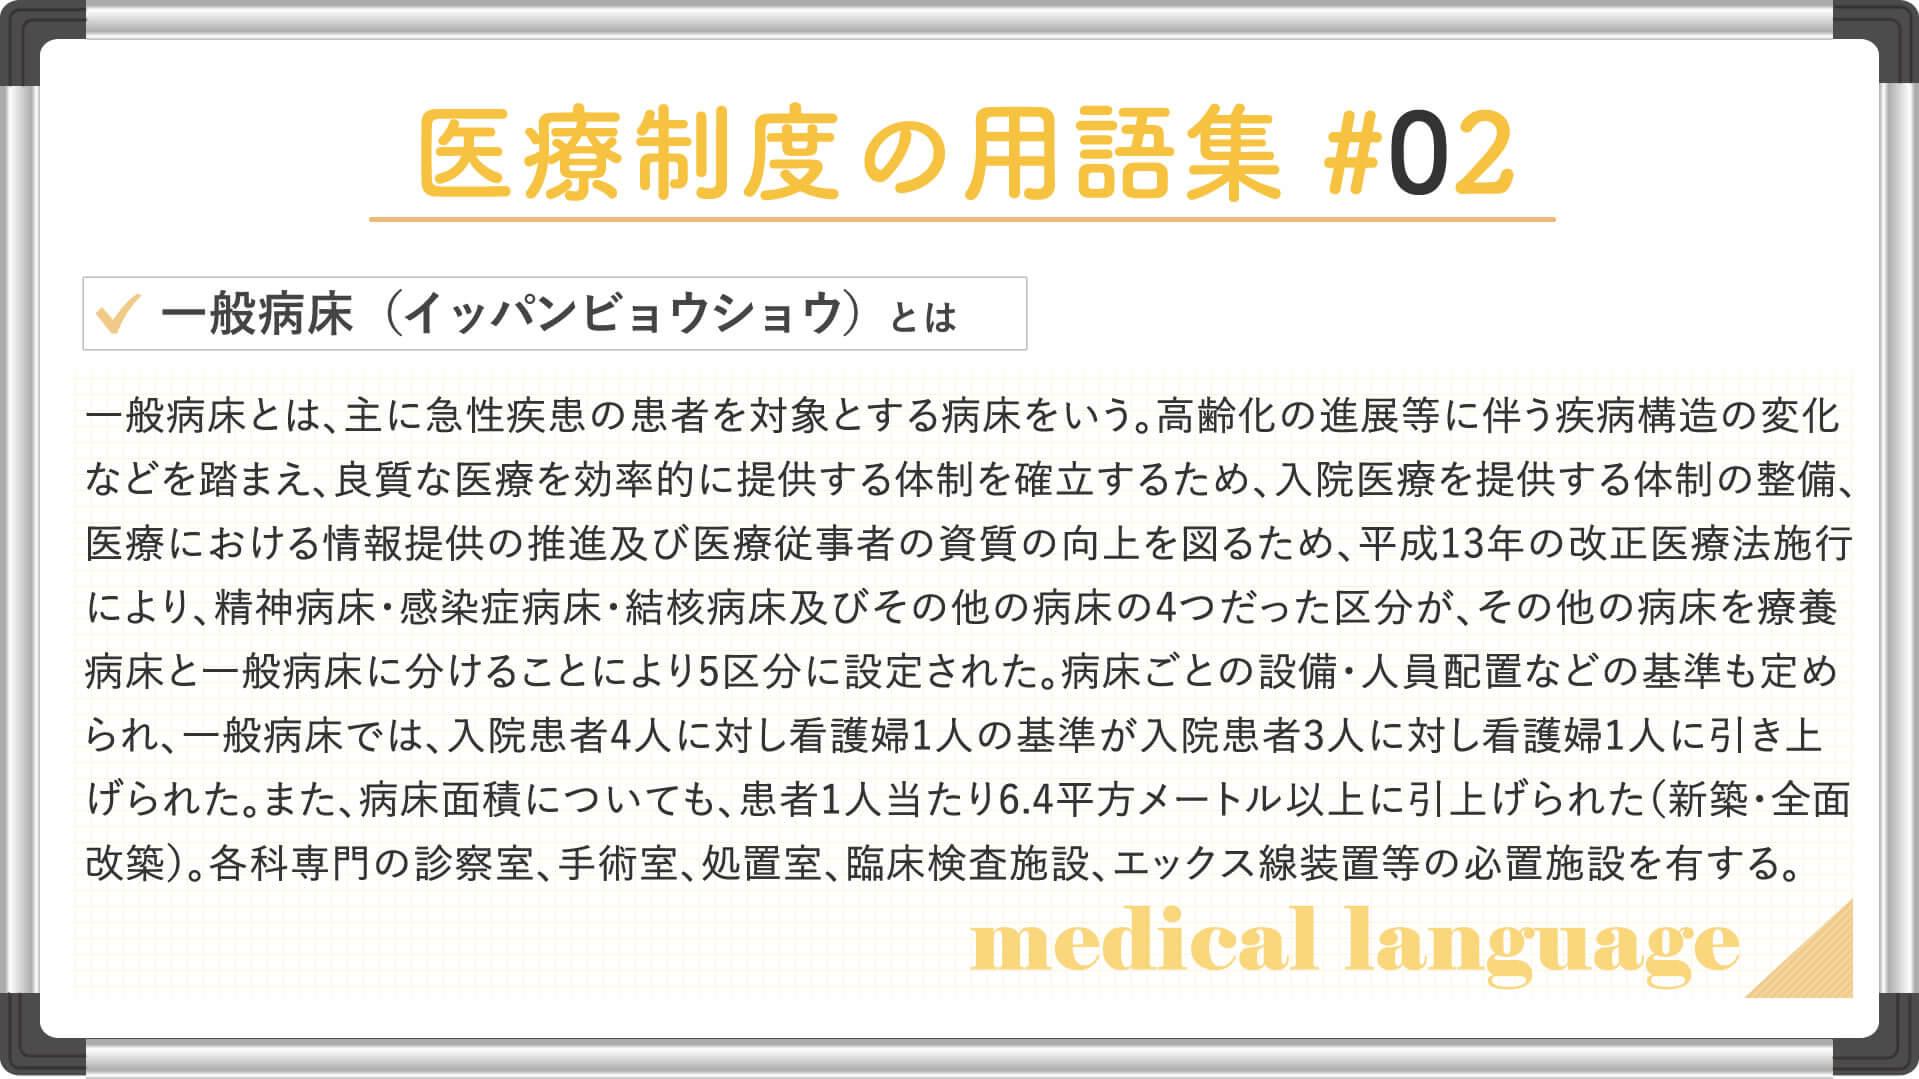 一般病床(イッパンビョウショウ)の説明画像